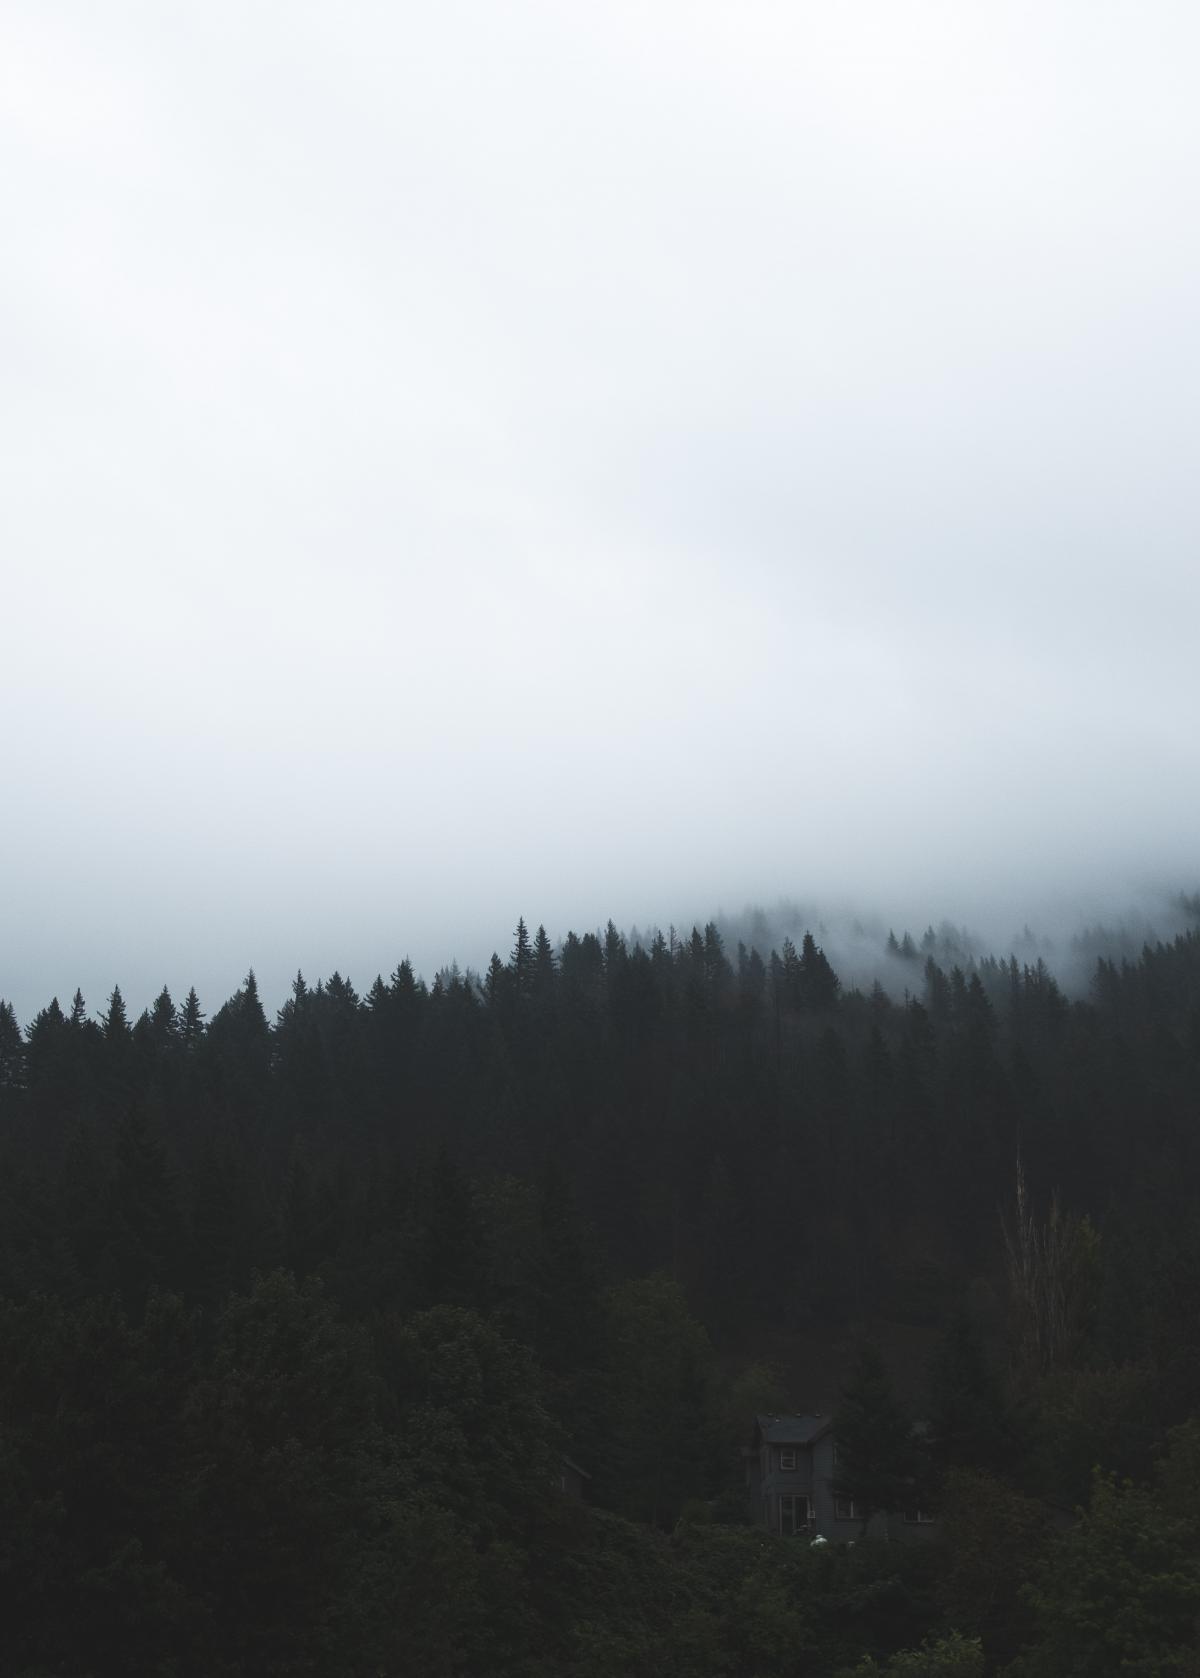 Fir Forest Landscape #425782